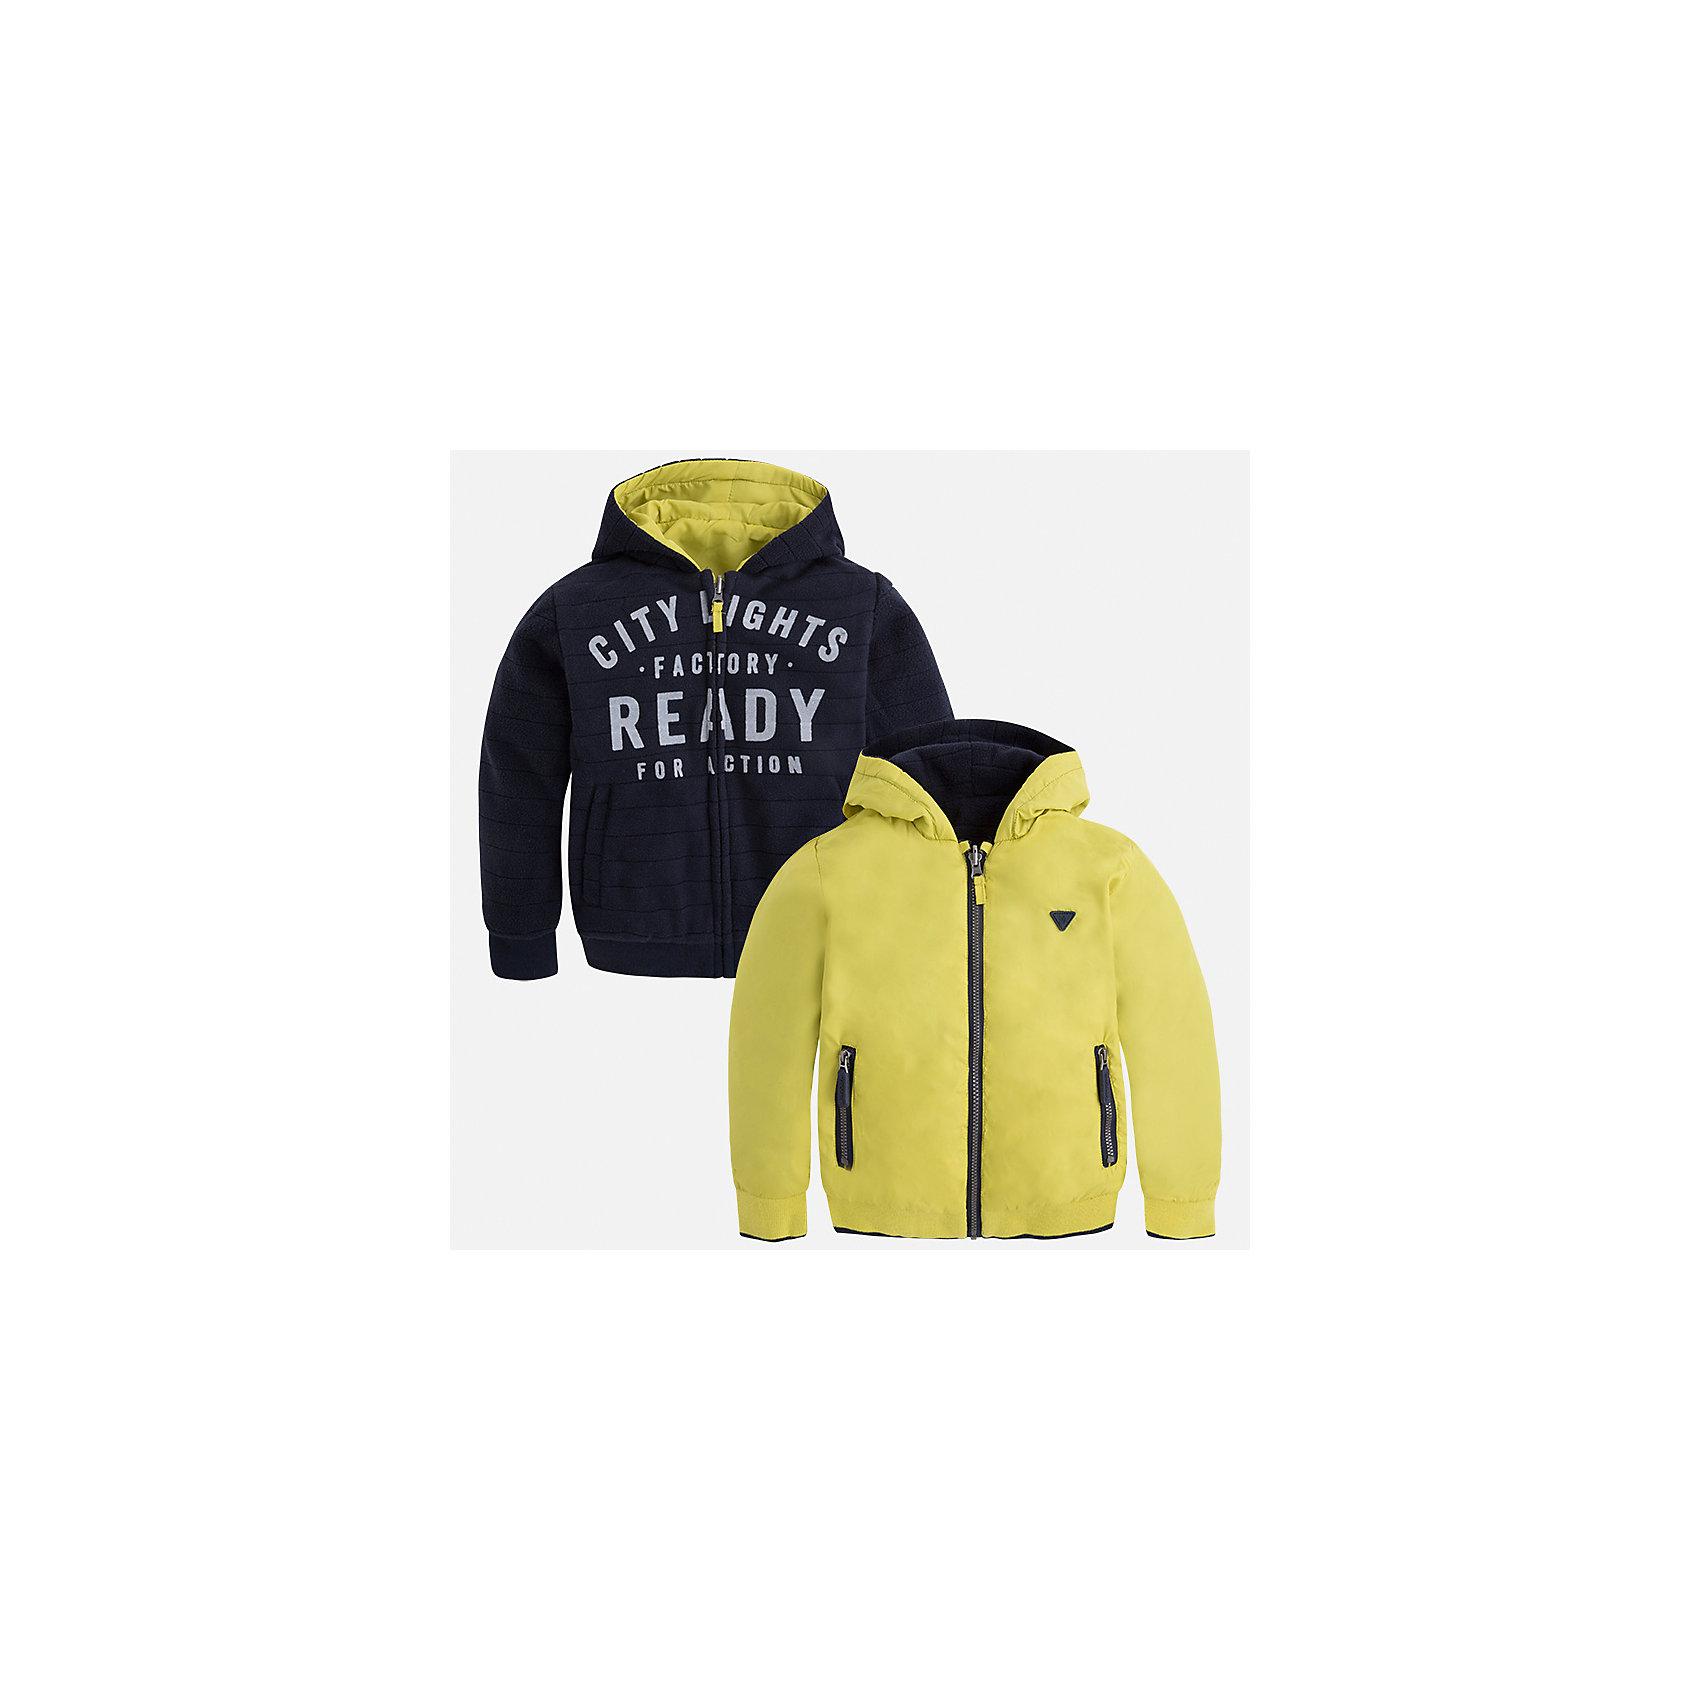 Куртка для мальчика MayoralДемисезонные куртки<br>Характеристики товара:<br><br>• цвет: зеленый<br>• состав ткани: 100% полиэстер<br>• подкладка: 100% полиэстер<br>• сезон: демисезон<br>• особенности куртки: двусторонняя<br>• капюшон: без меха, несъемный<br>• застежка: молния<br>• страна бренда: Испания<br>• страна изготовитель: Индия<br><br>Такая детская двухсторонняя куртка от Mayoral дополнена удобными карманами и капюшоном. Куртка для мальчика сшита из приятного на ощупь материала. Детская одежда от испанской компании Mayoral, как и эта двусторонняя куртка для мальчика, отличается оригинальным и всегда стильным дизайном. Качество продукции неизменно очень высокое.<br><br>Куртку для мальчика Mayoral (Майорал) можно купить в нашем интернет-магазине.<br><br>Ширина мм: 356<br>Глубина мм: 10<br>Высота мм: 245<br>Вес г: 519<br>Цвет: зеленый<br>Возраст от месяцев: 60<br>Возраст до месяцев: 72<br>Пол: Мужской<br>Возраст: Детский<br>Размер: 116,110,104,98,134,128,122<br>SKU: 6932799